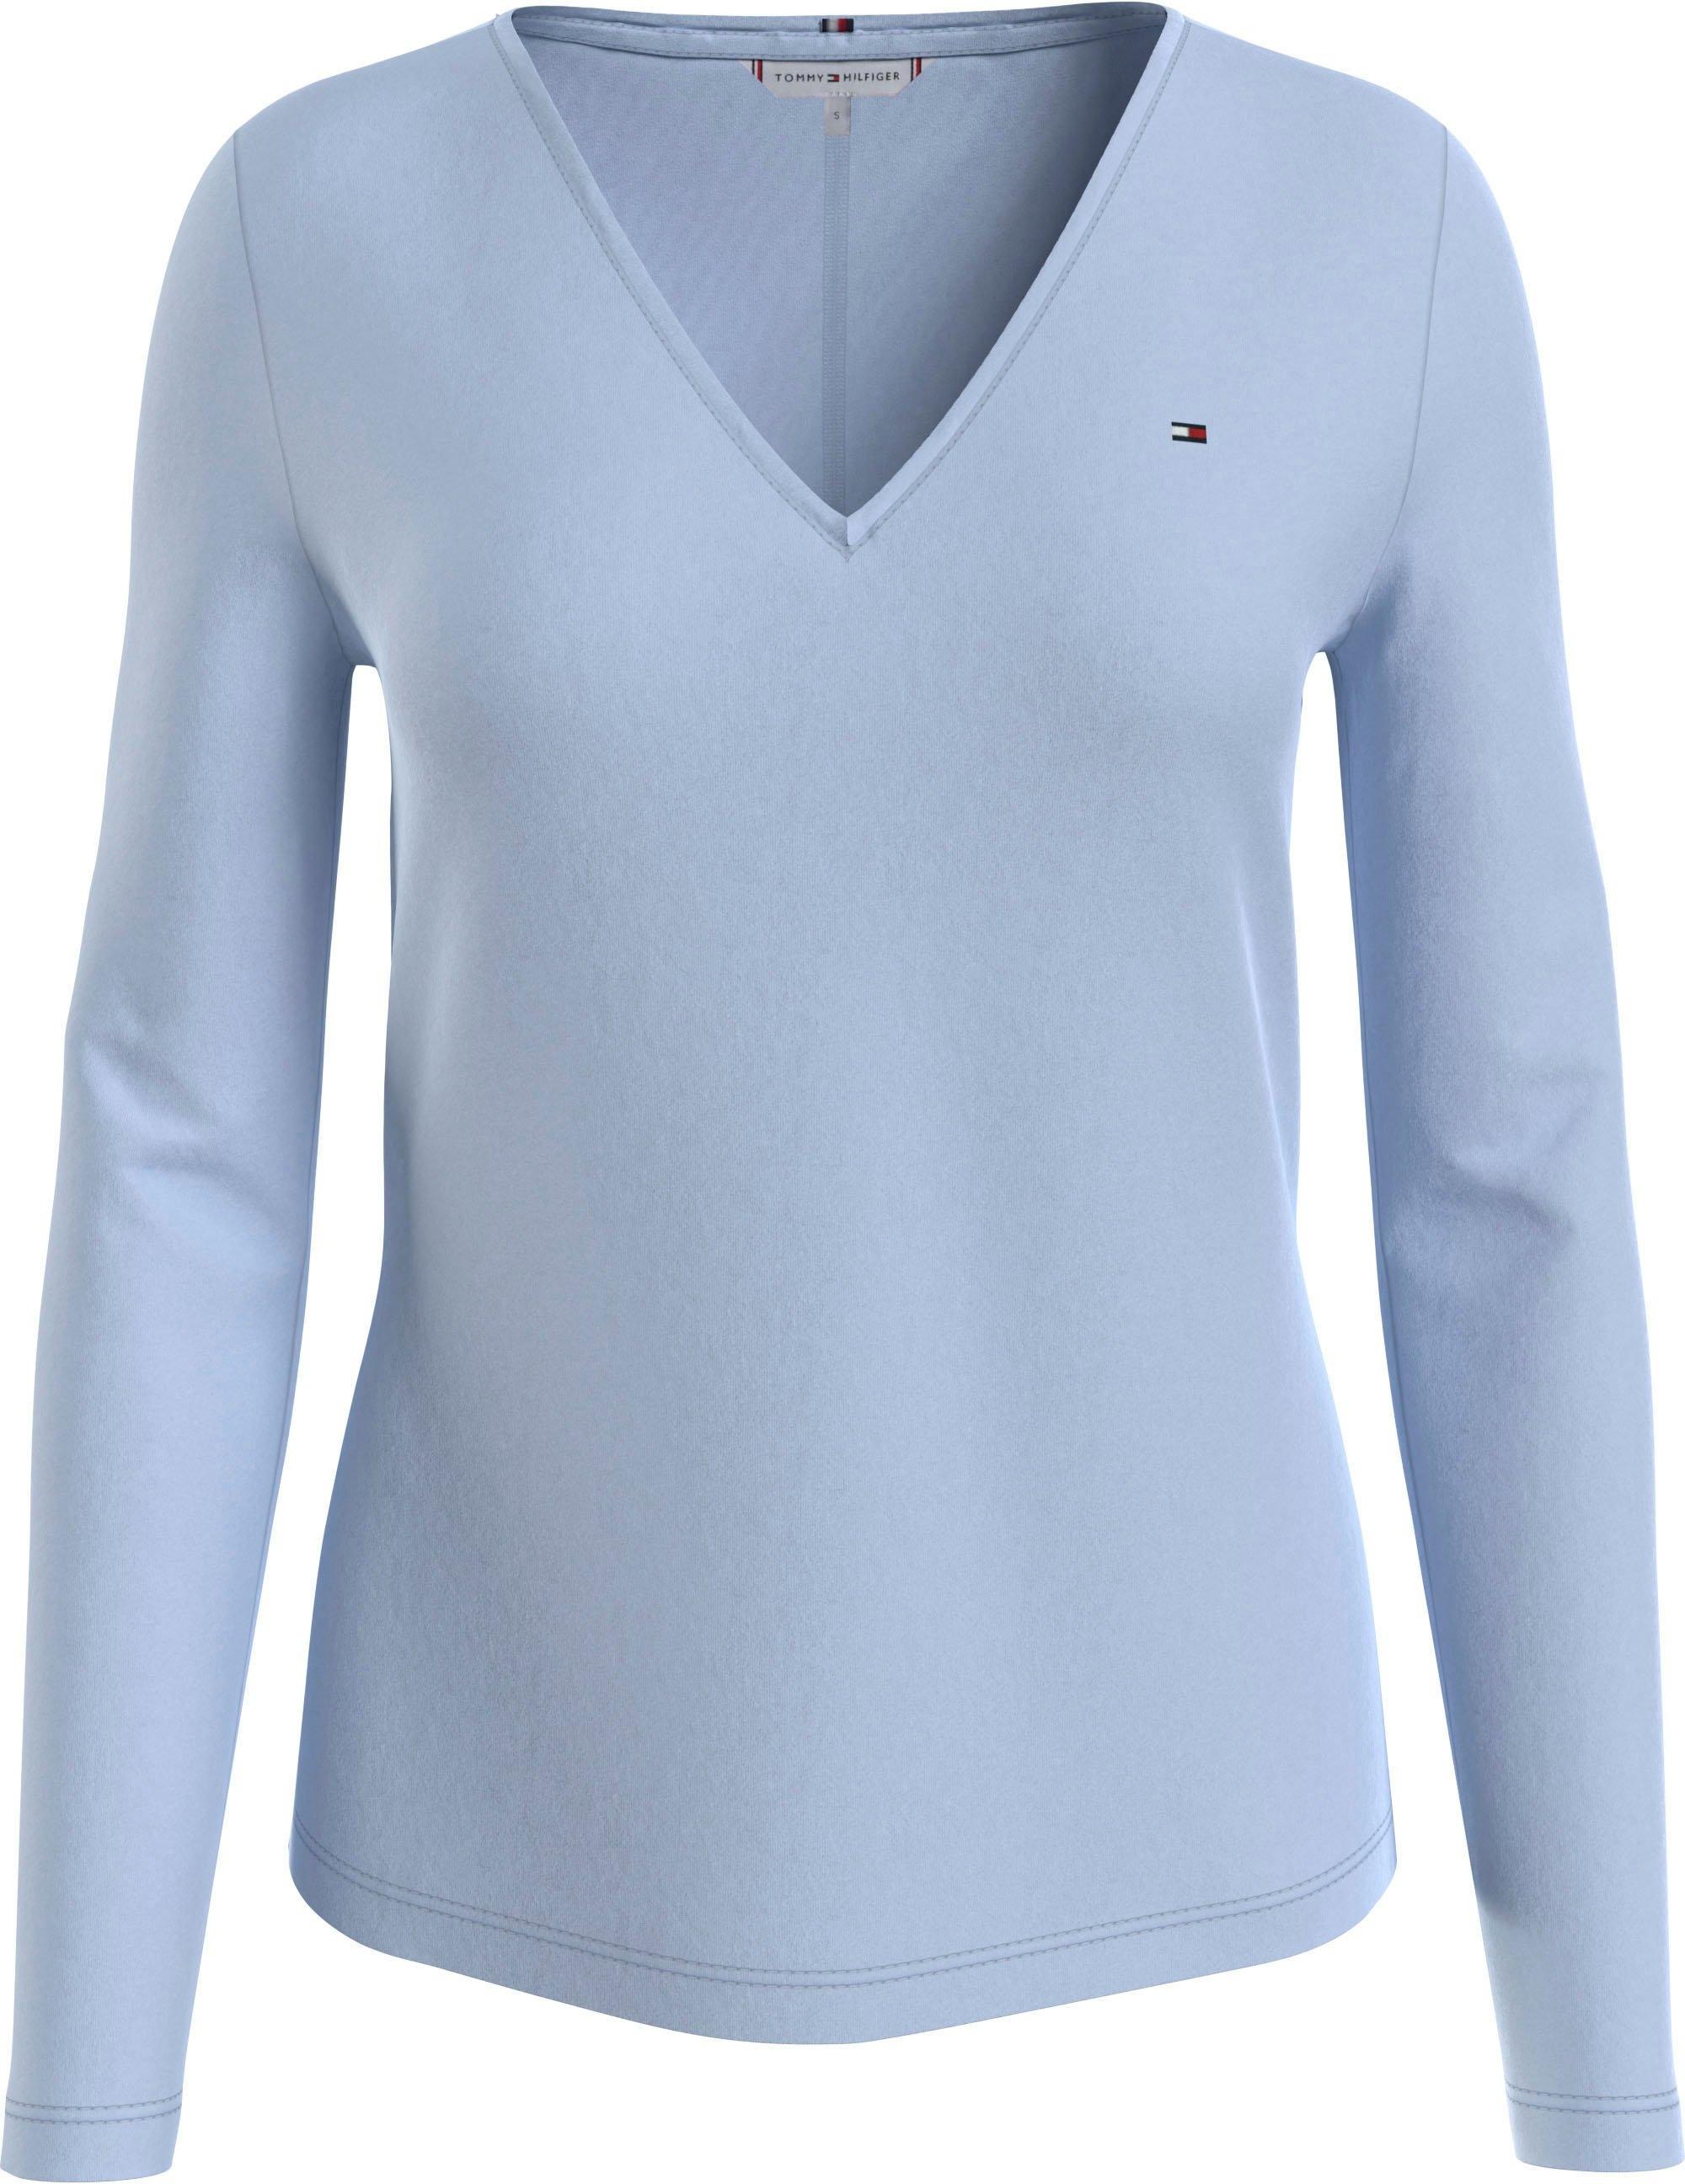 Op zoek naar een Tommy Hilfiger shirt met V-hals REGULAR CLASSIC V-NK TOP LS met tommy hilfiger-merklabel op borsthoogte? Koop online bij OTTO